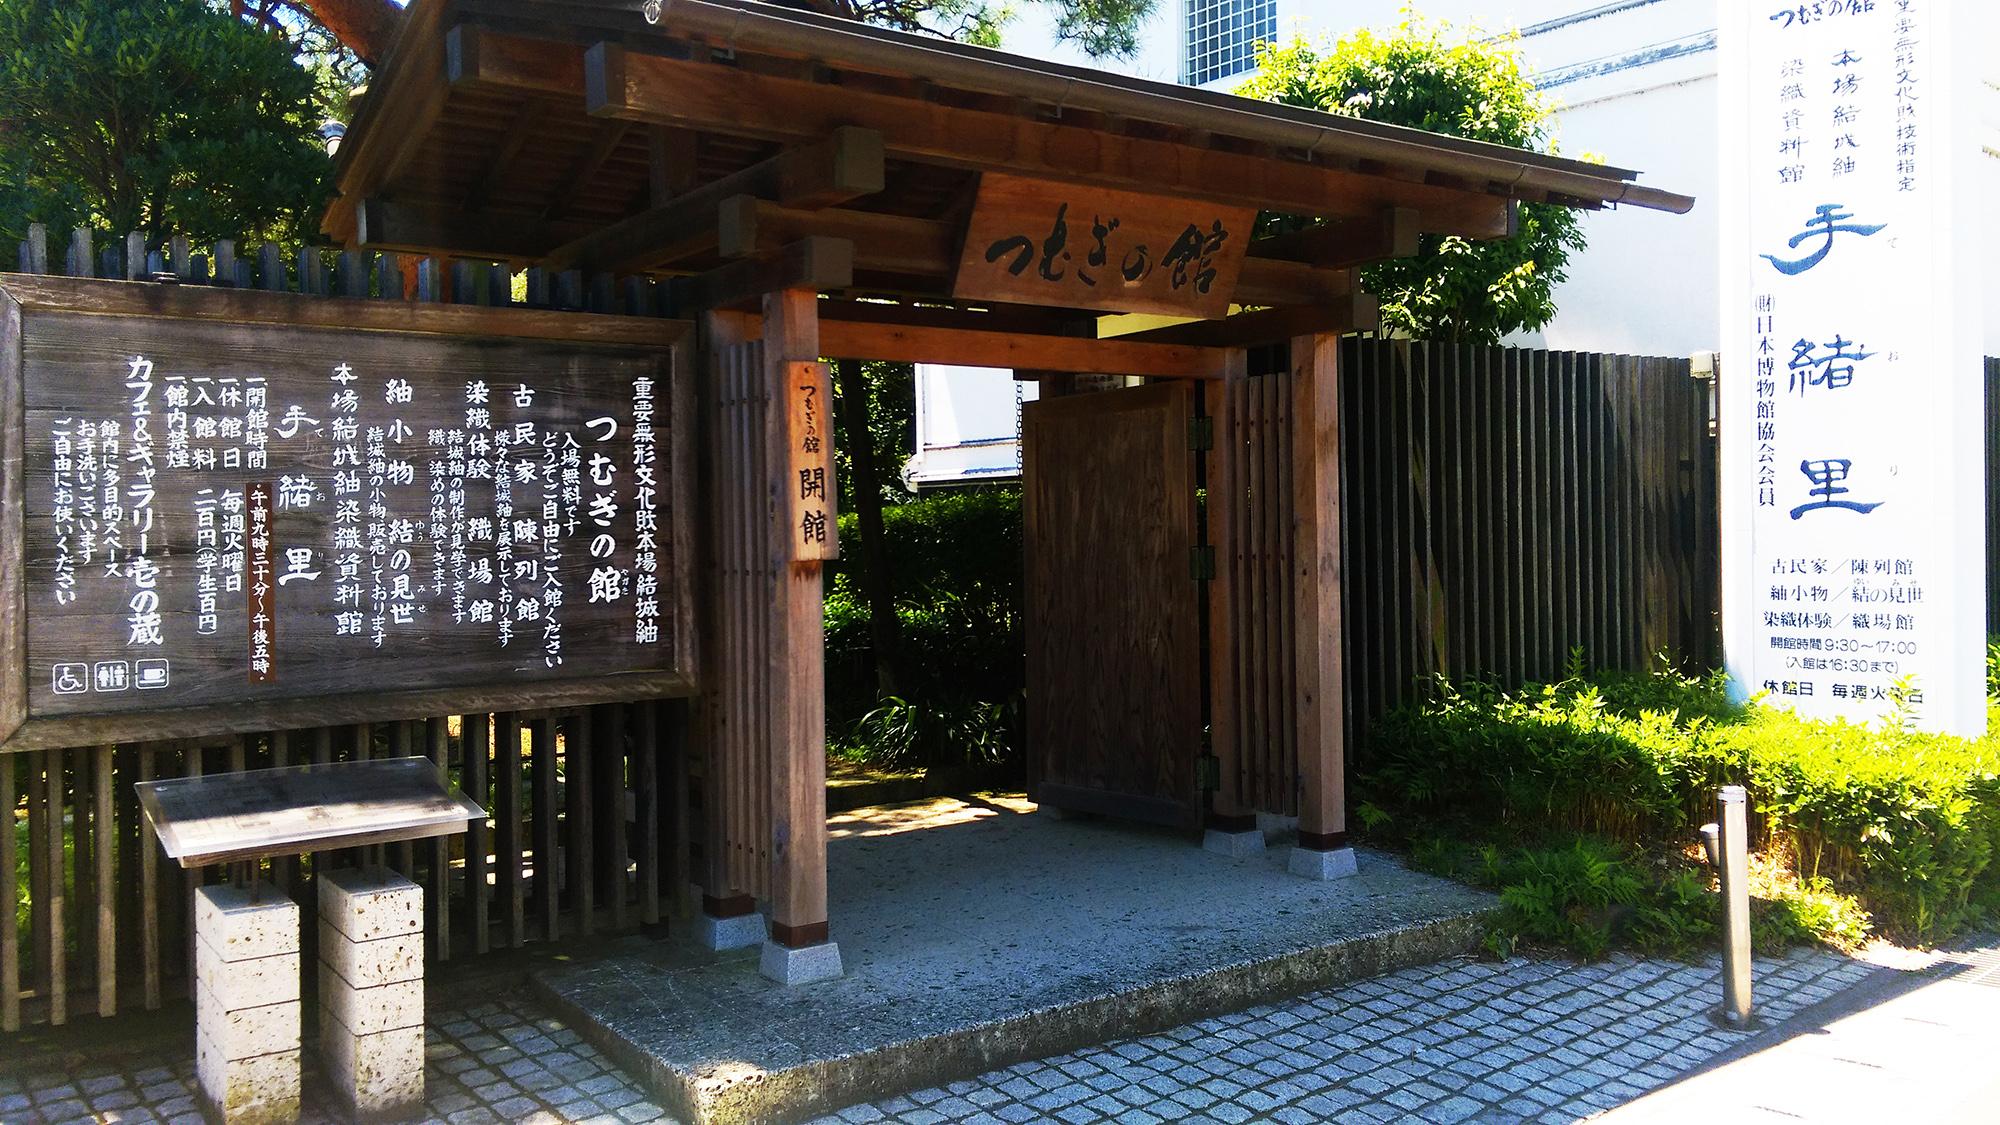 20160730【Workshop Reports】つむぎの館さんにて結城紬の高機織り体験と見学をして参りました!